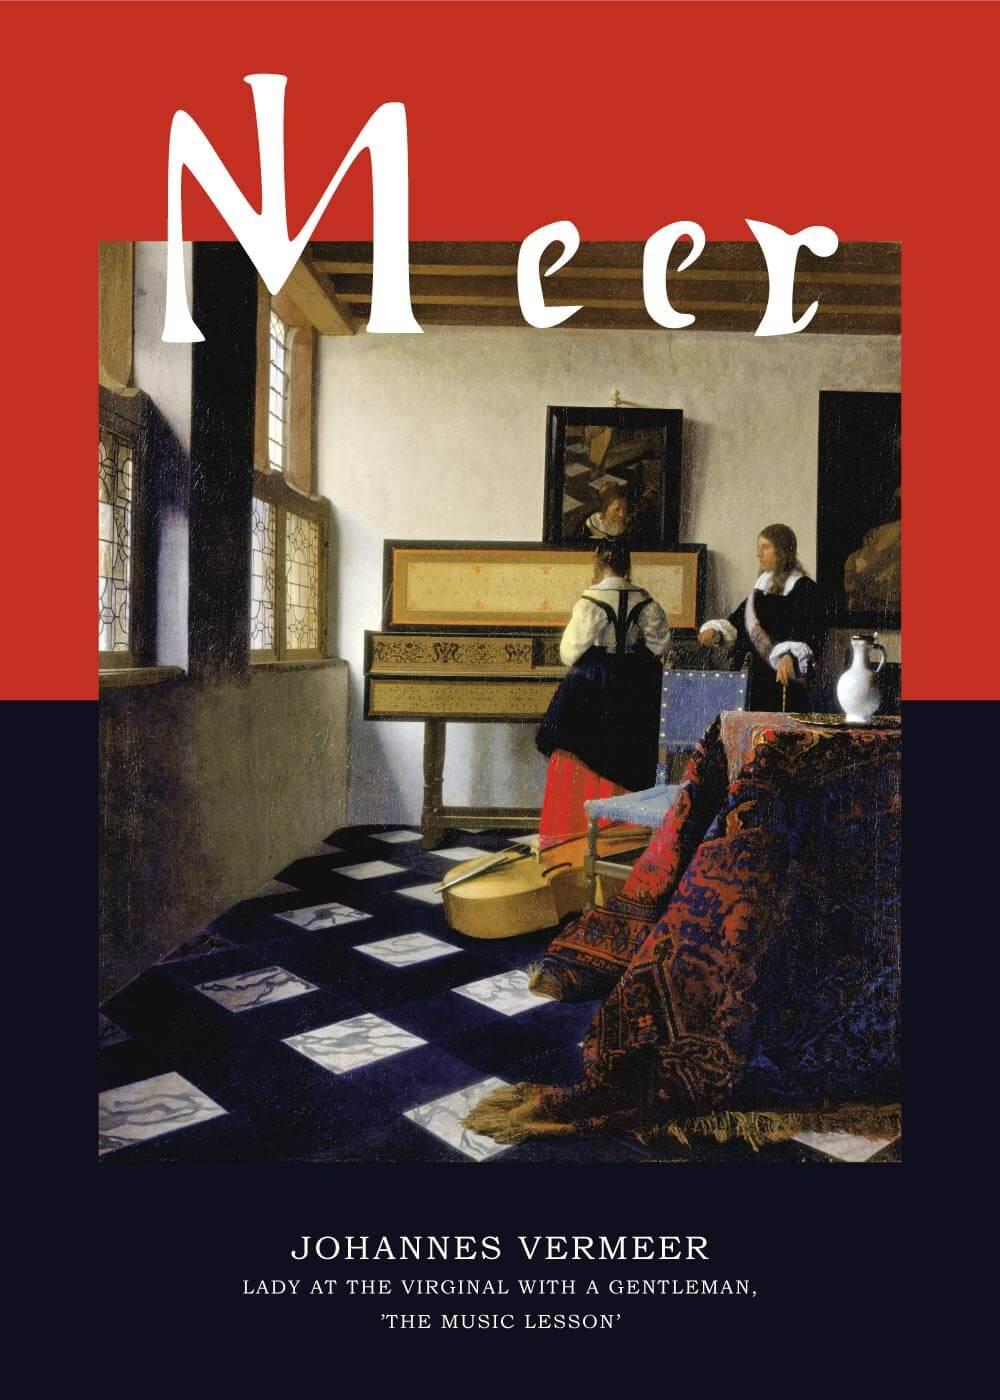 Billede af The Music Lesson - Johannes Vermeer